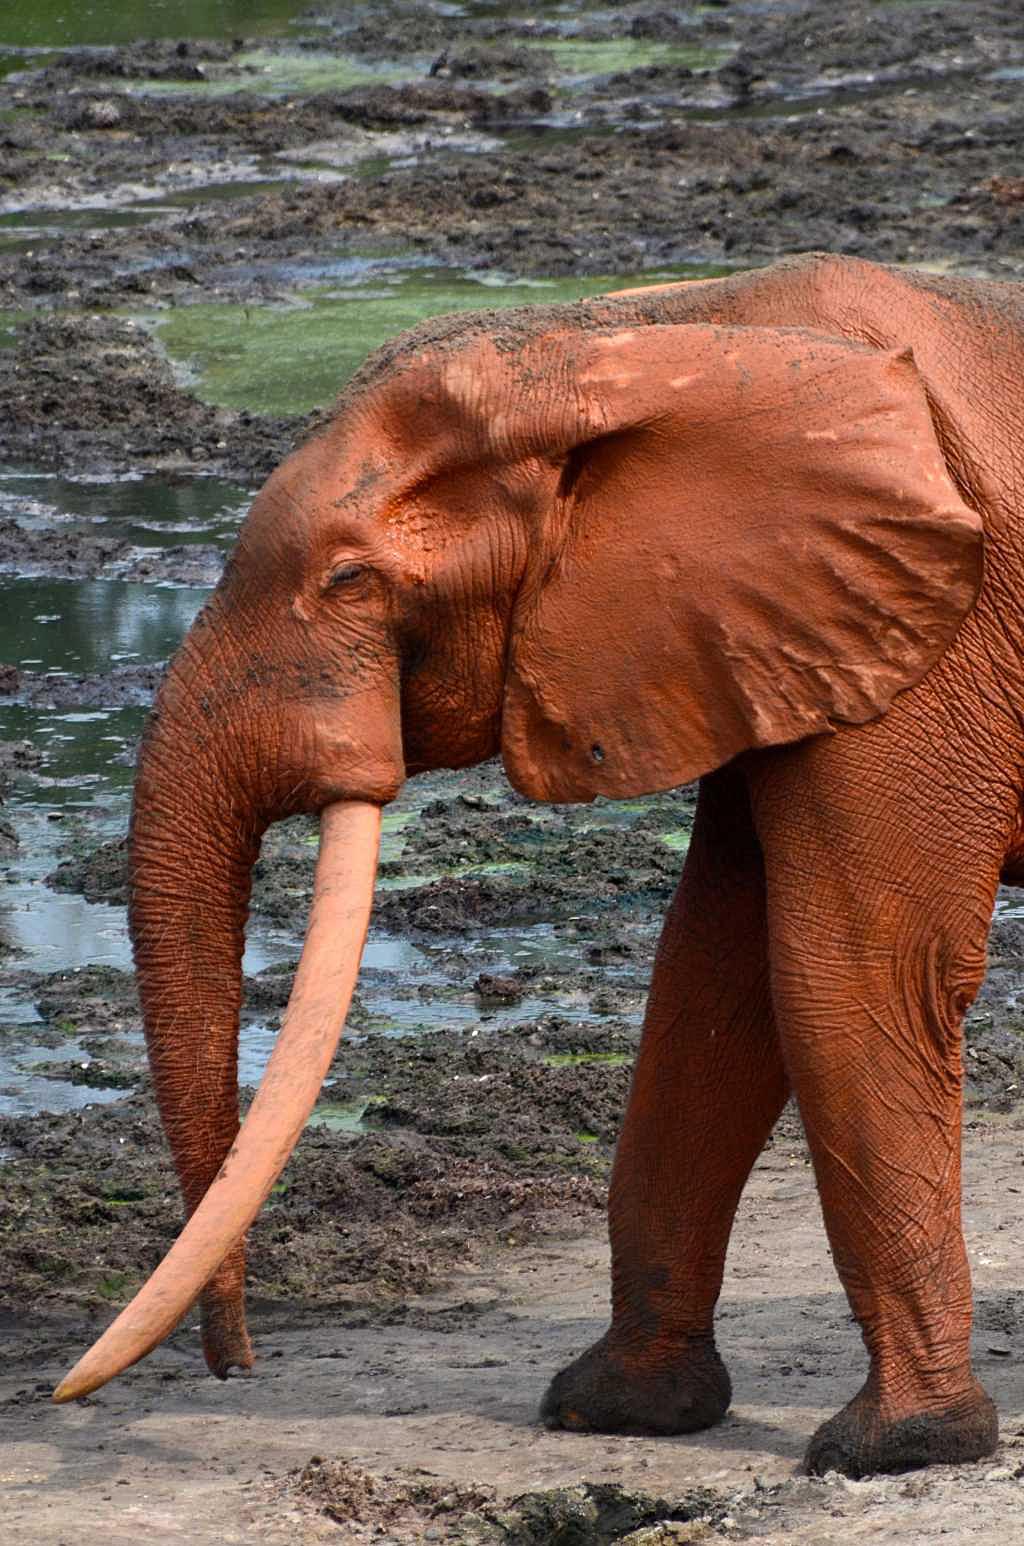 Pom, The Red Elephant